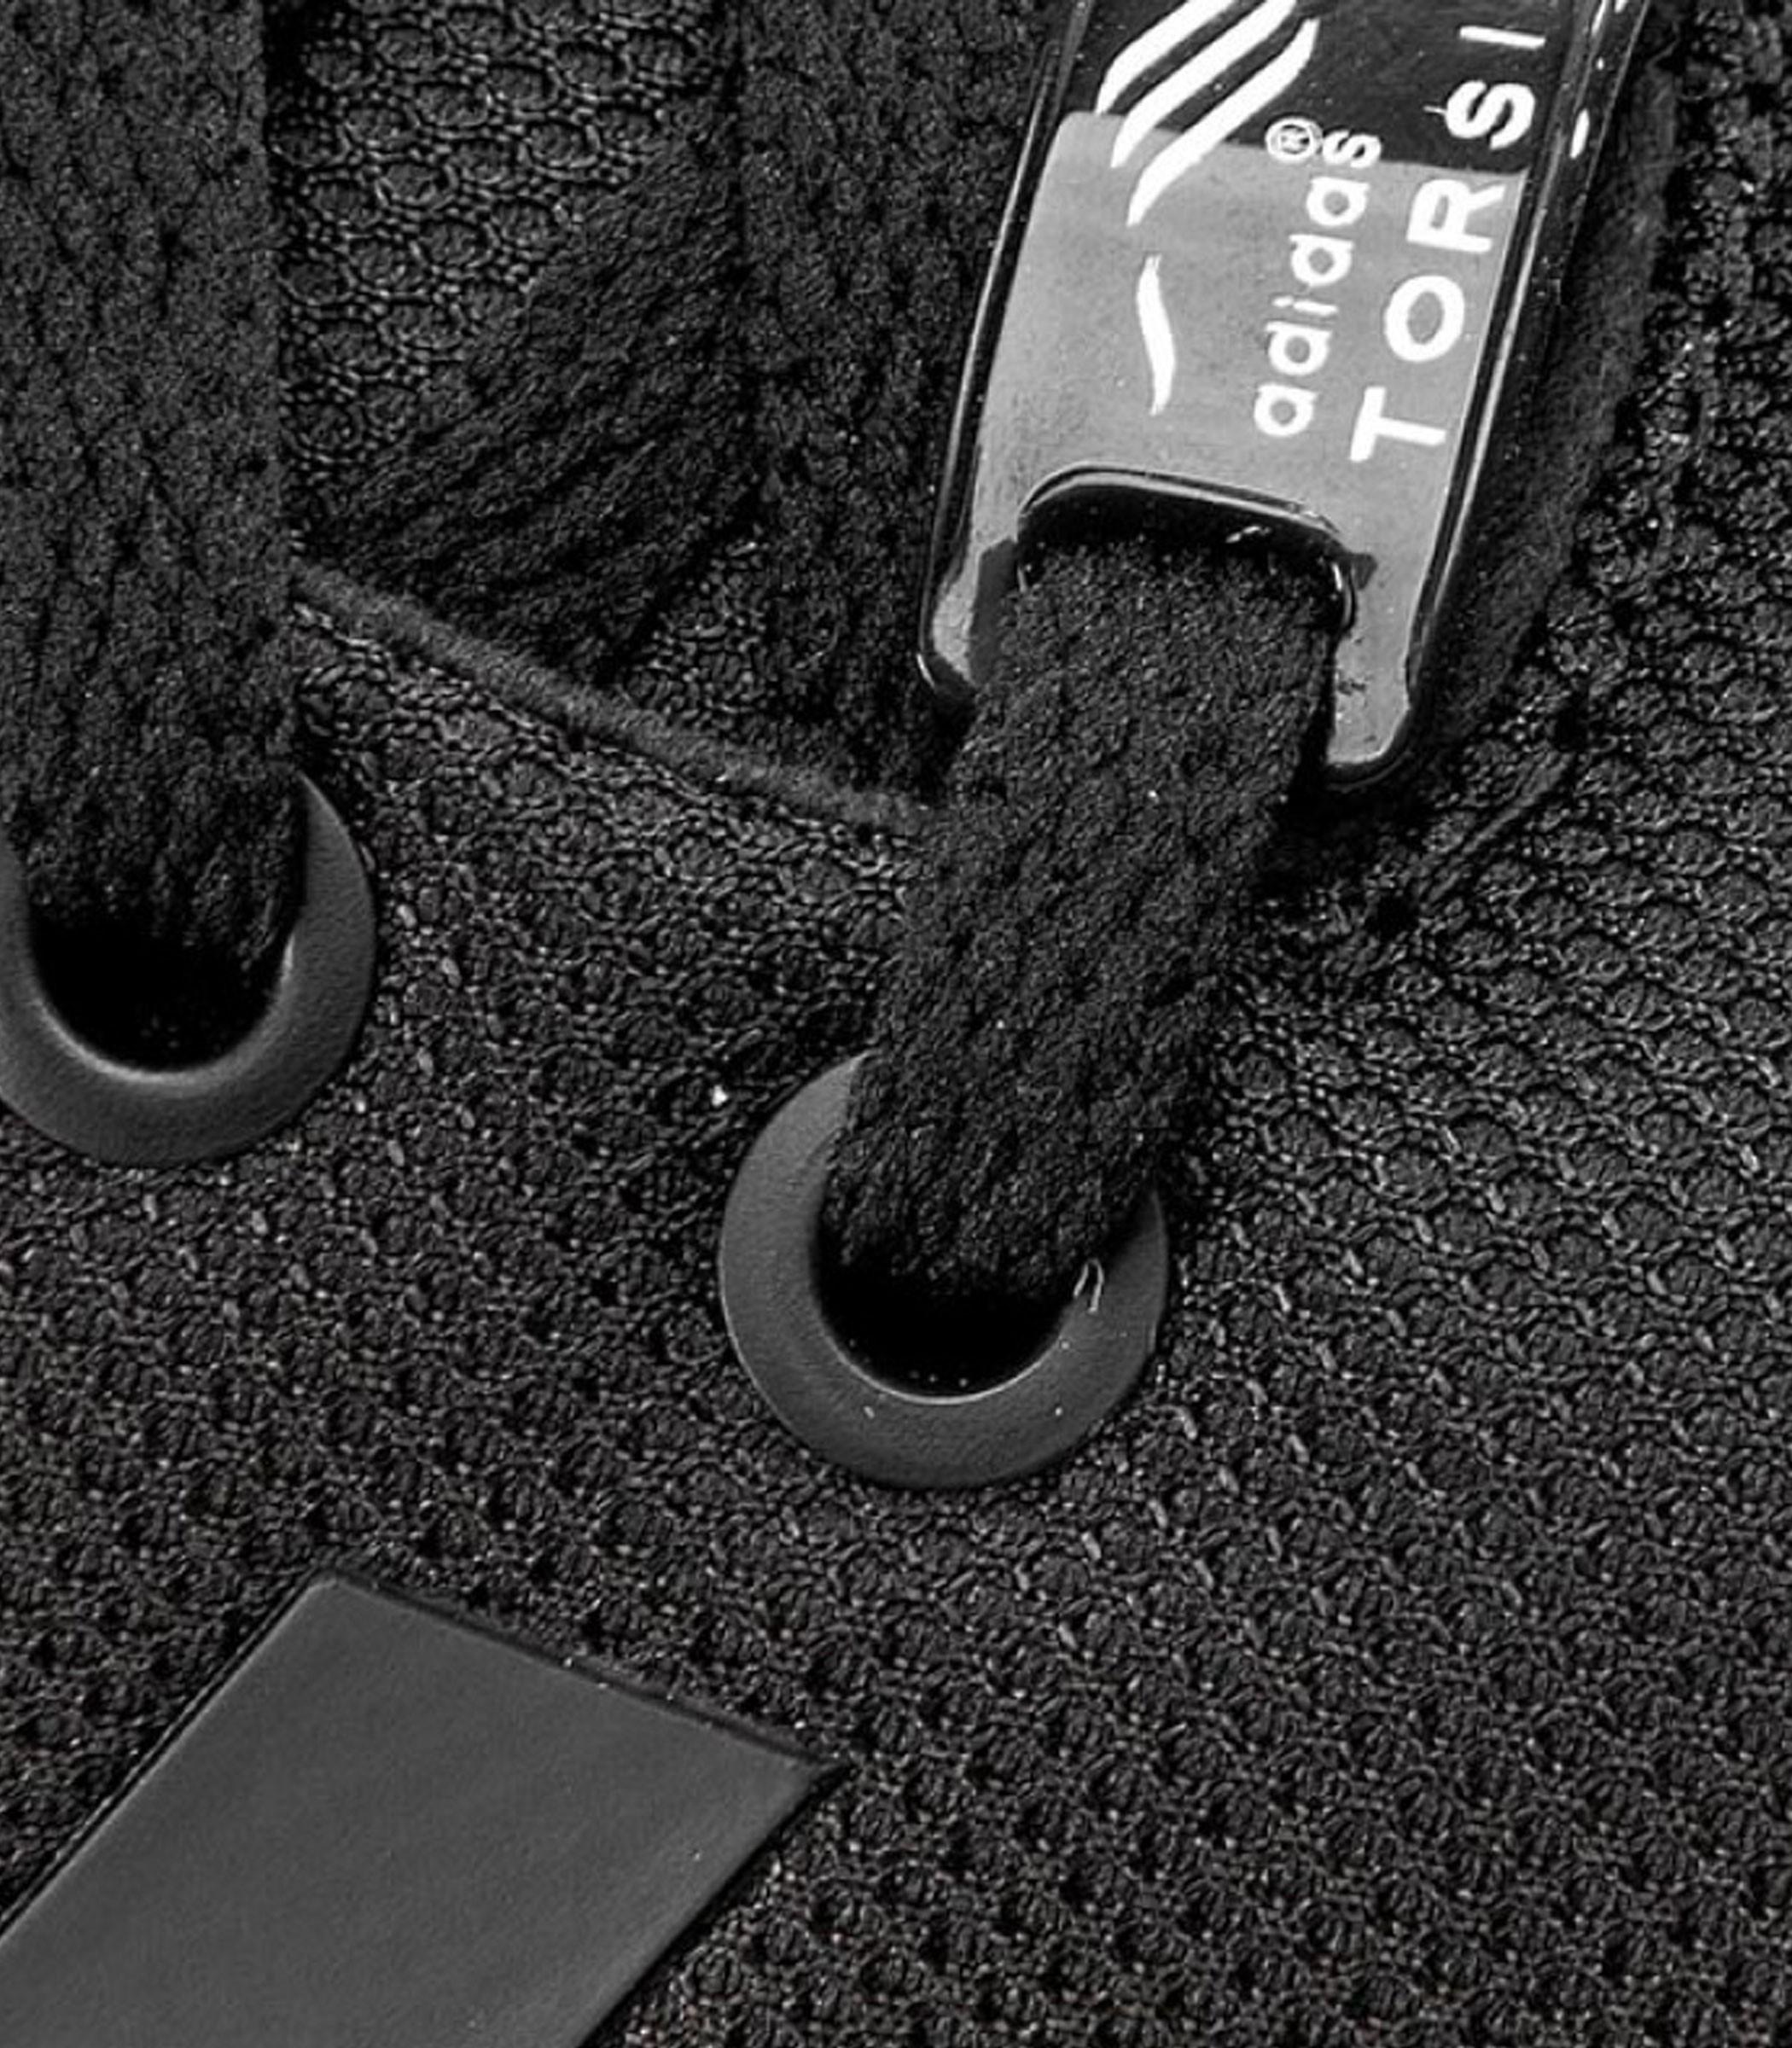 s82695 Da Scarpe Sneakers Rif Zx Flux Ragazzo J Adidas xBWrCoed